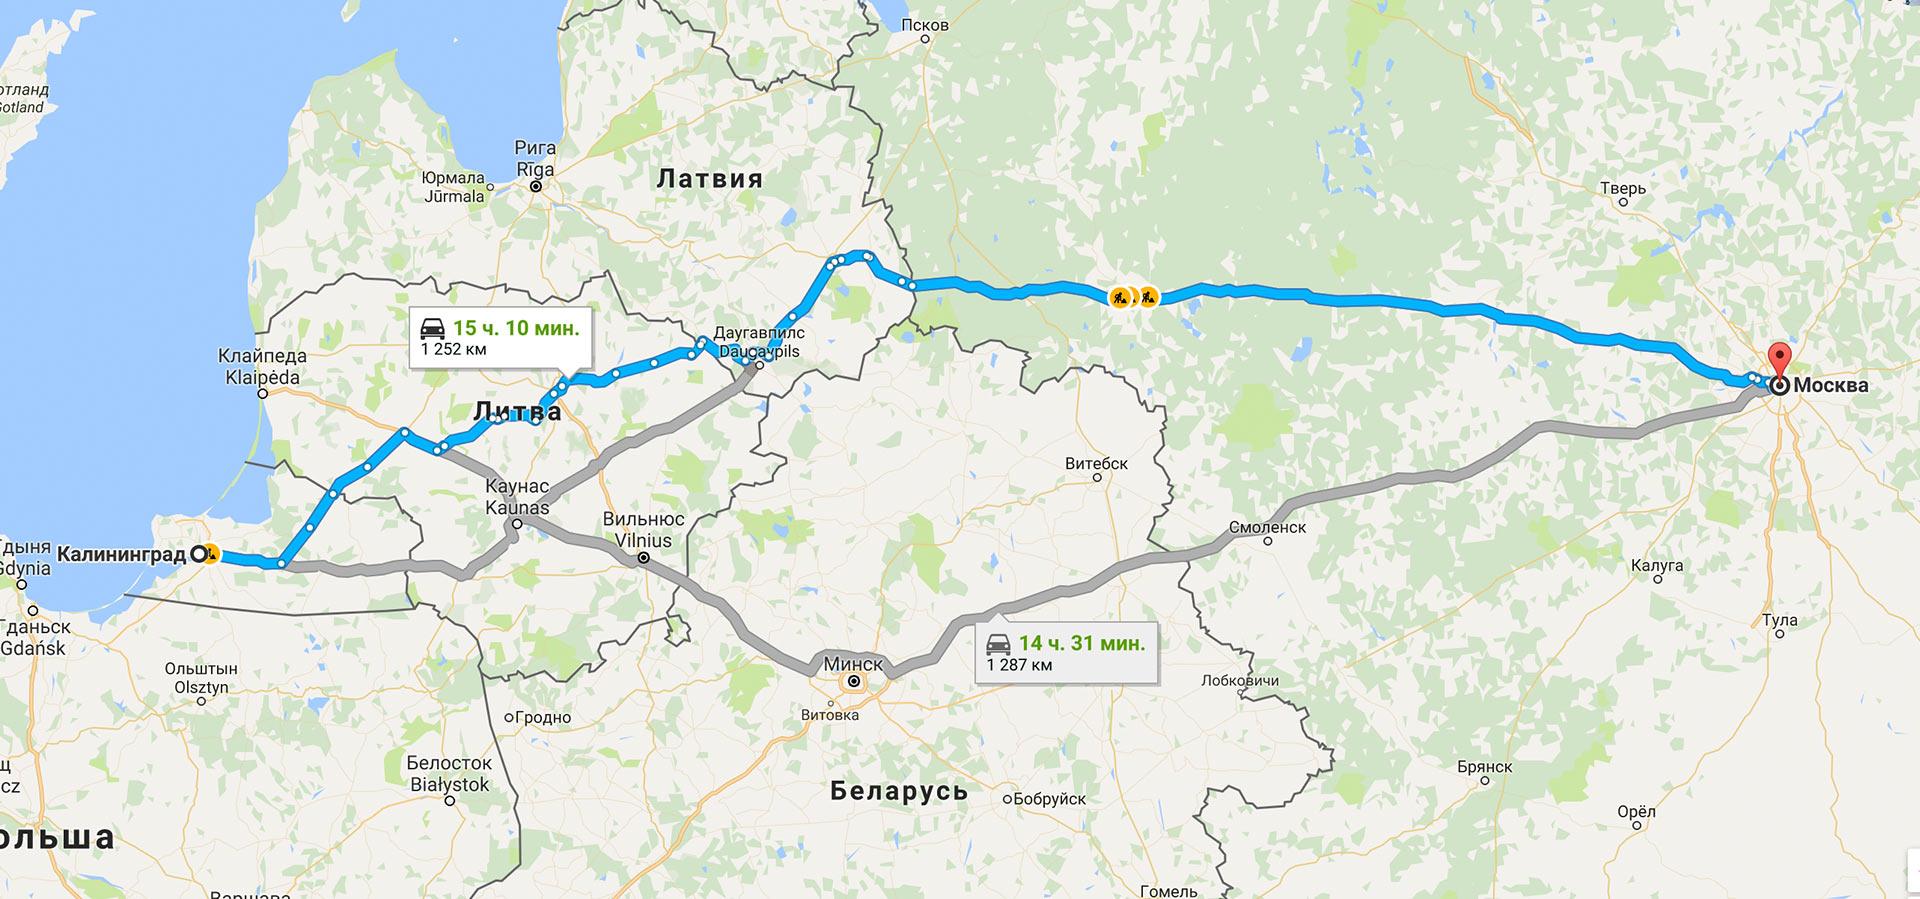 Автомобильные варианты маршрута Москва-Калининград